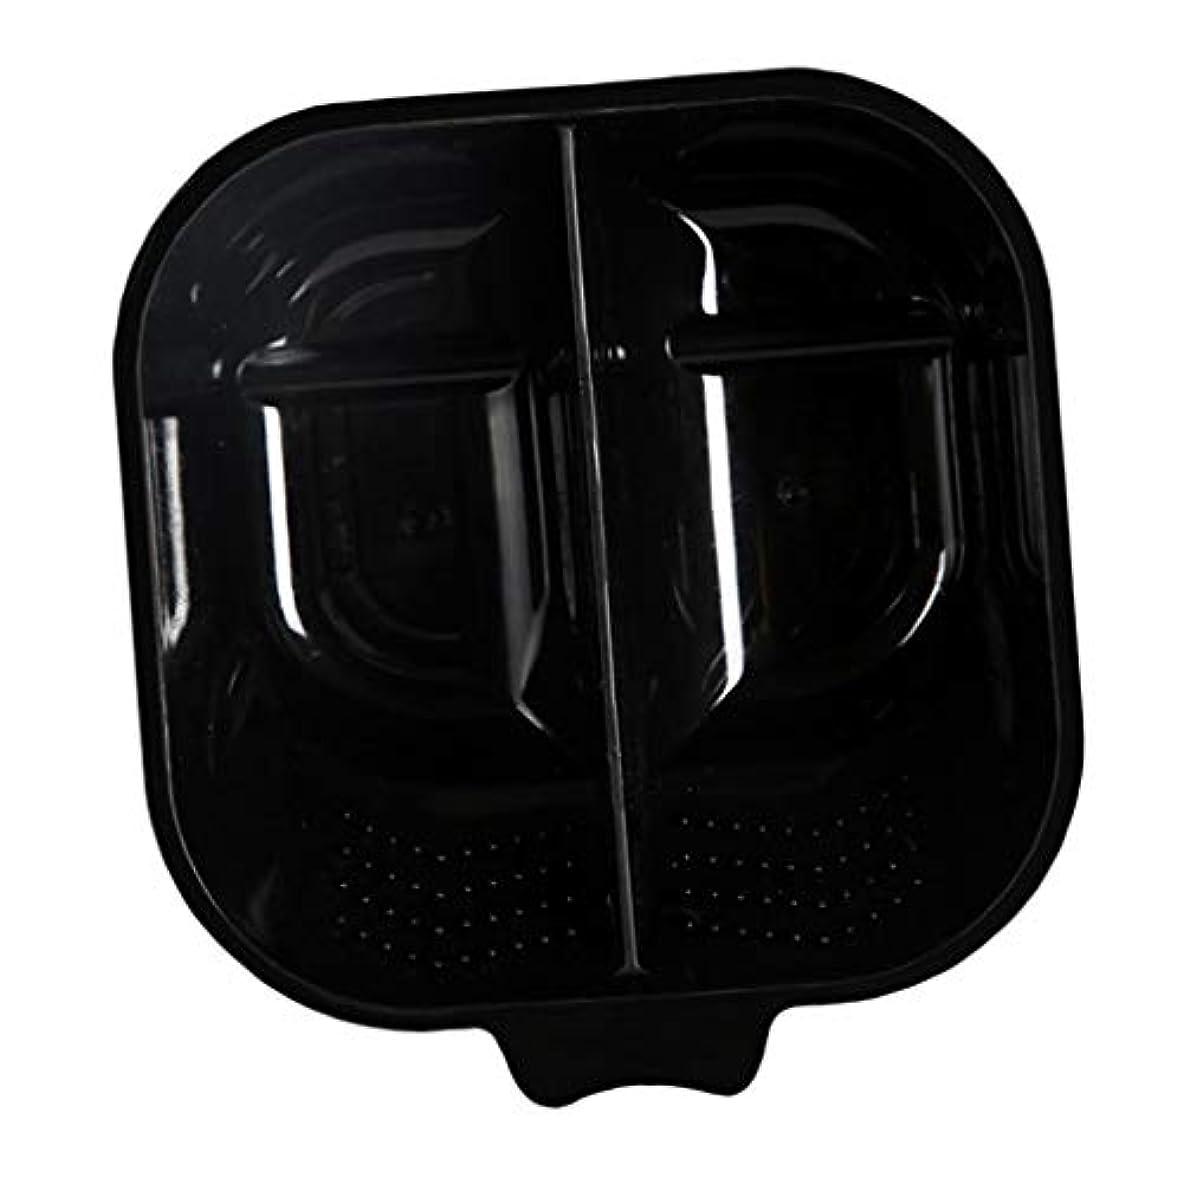 変色する最大限標準ヘアカラーリング用品 ヘアカラーボウル ヘアカラープレート 毛染め 染料 混ぜる サロン プロ用品 - ブラック